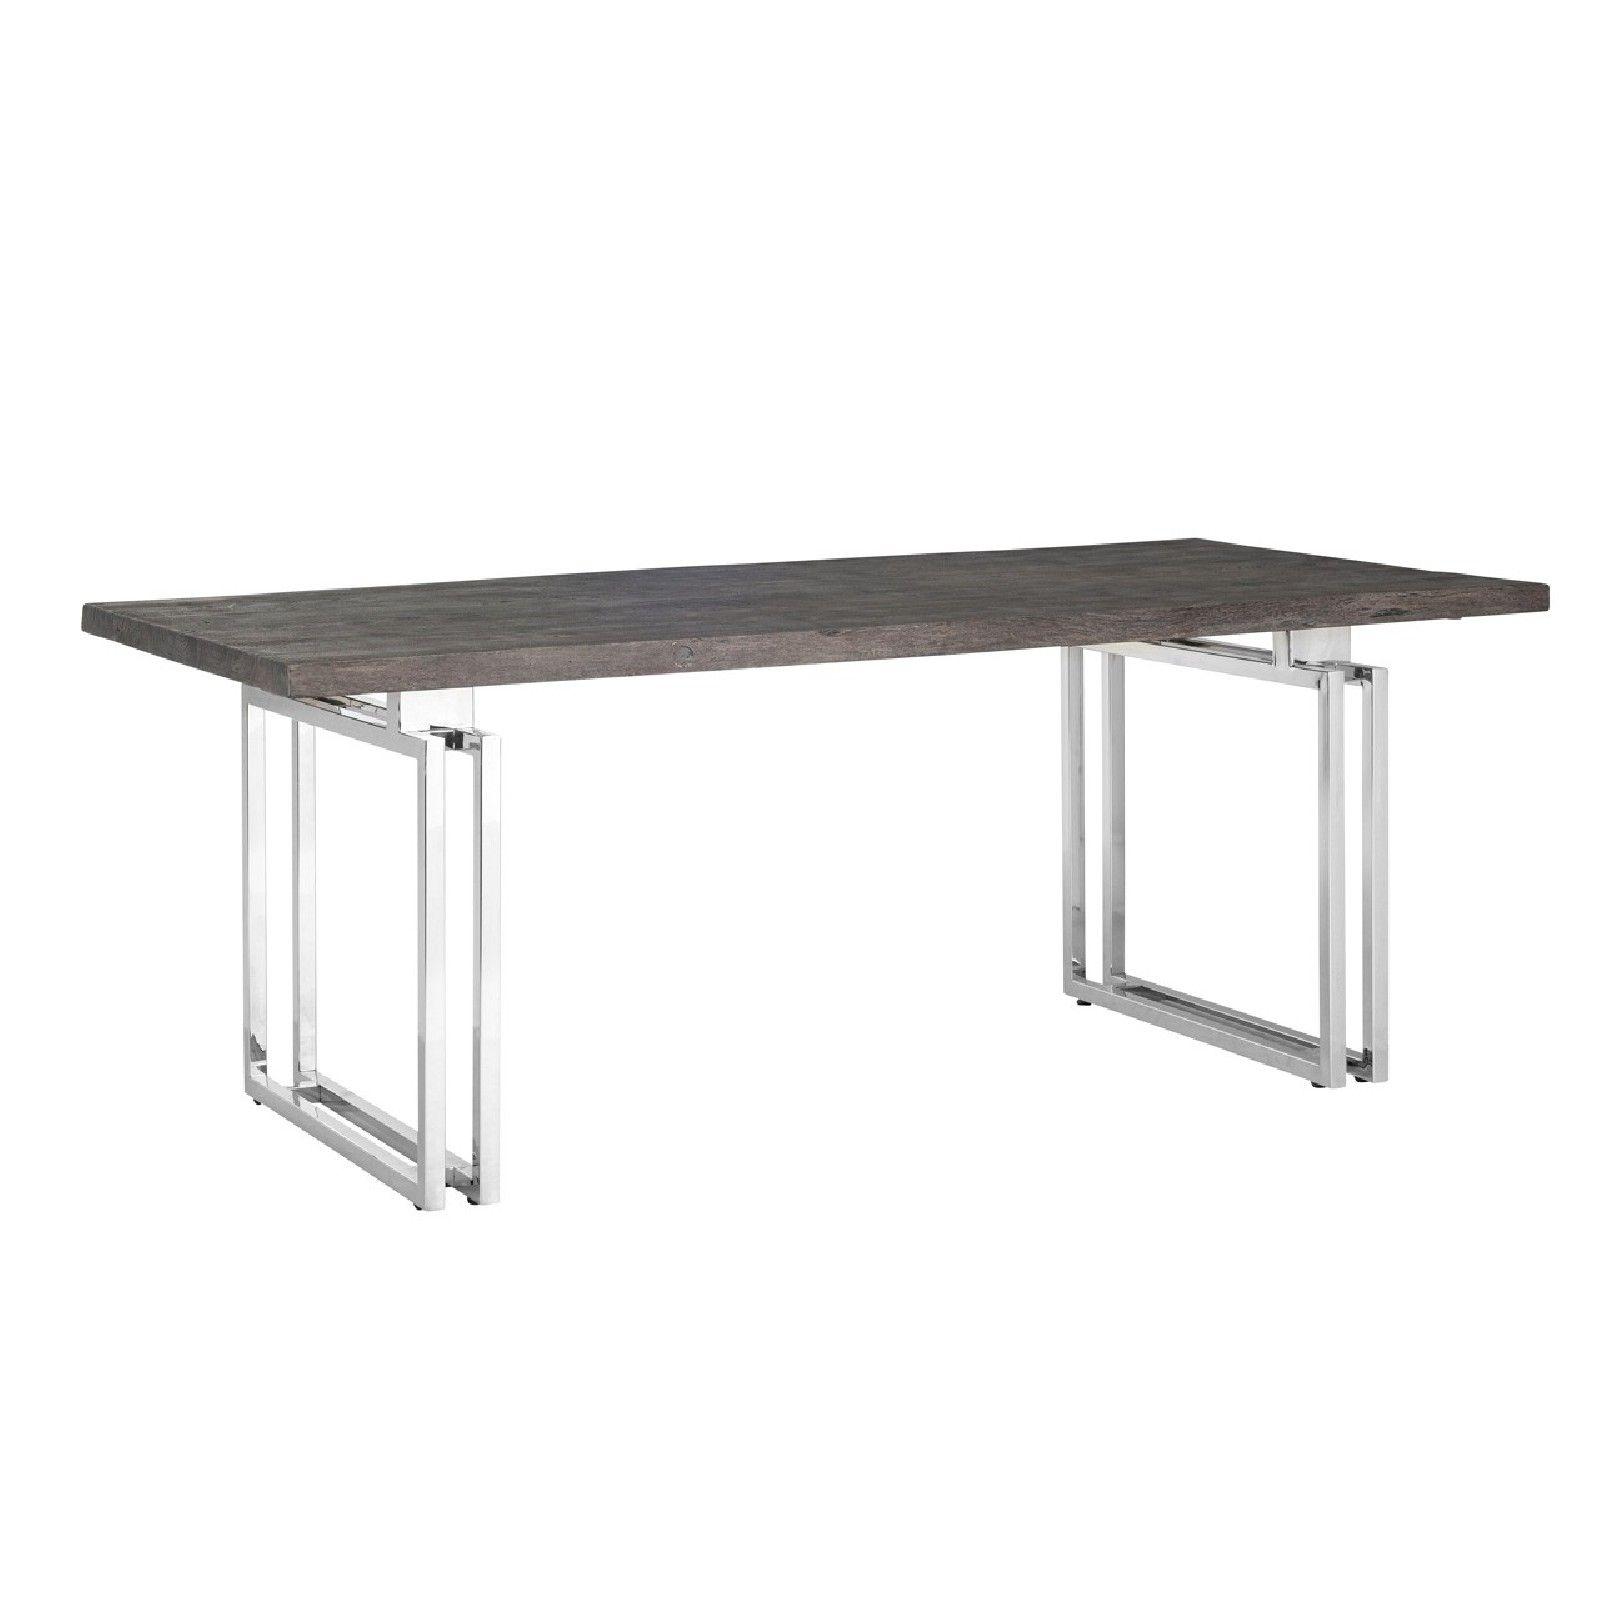 Table à dîner Tuxedo 230Bord du plateau de table peut varier par article, produit naturel Meuble Déco Tendance - 26